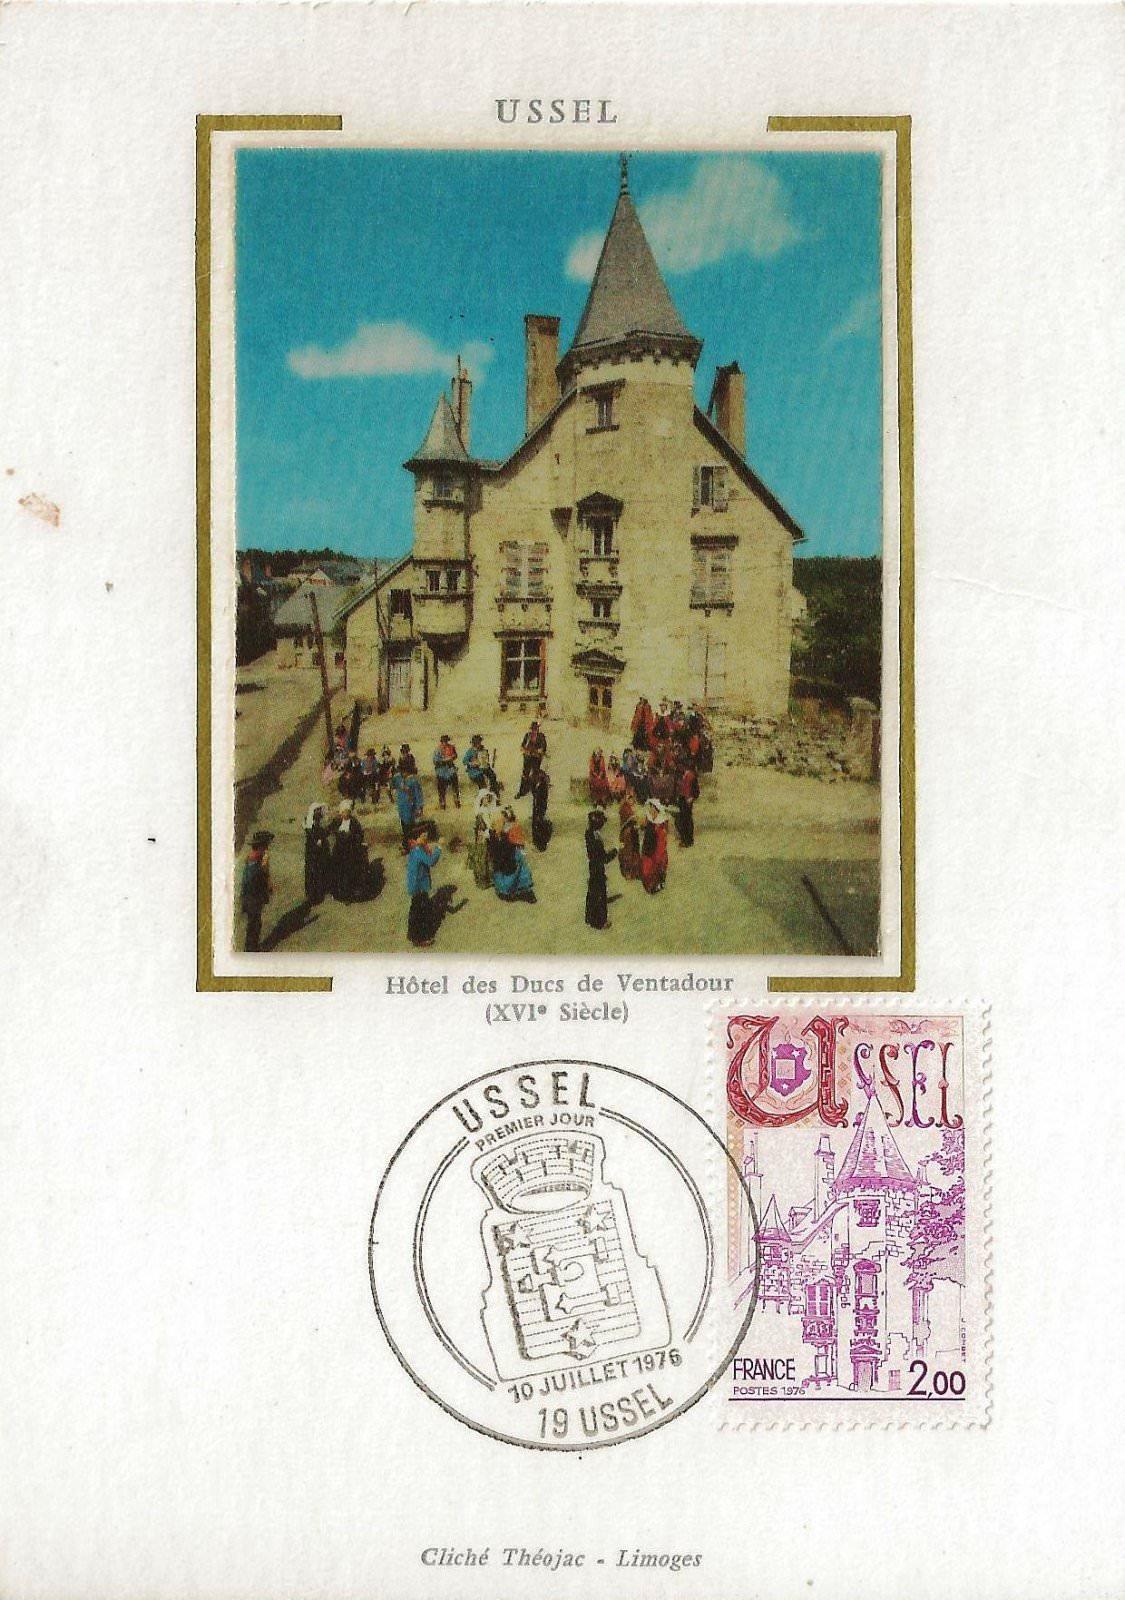 USSEL 1976 B